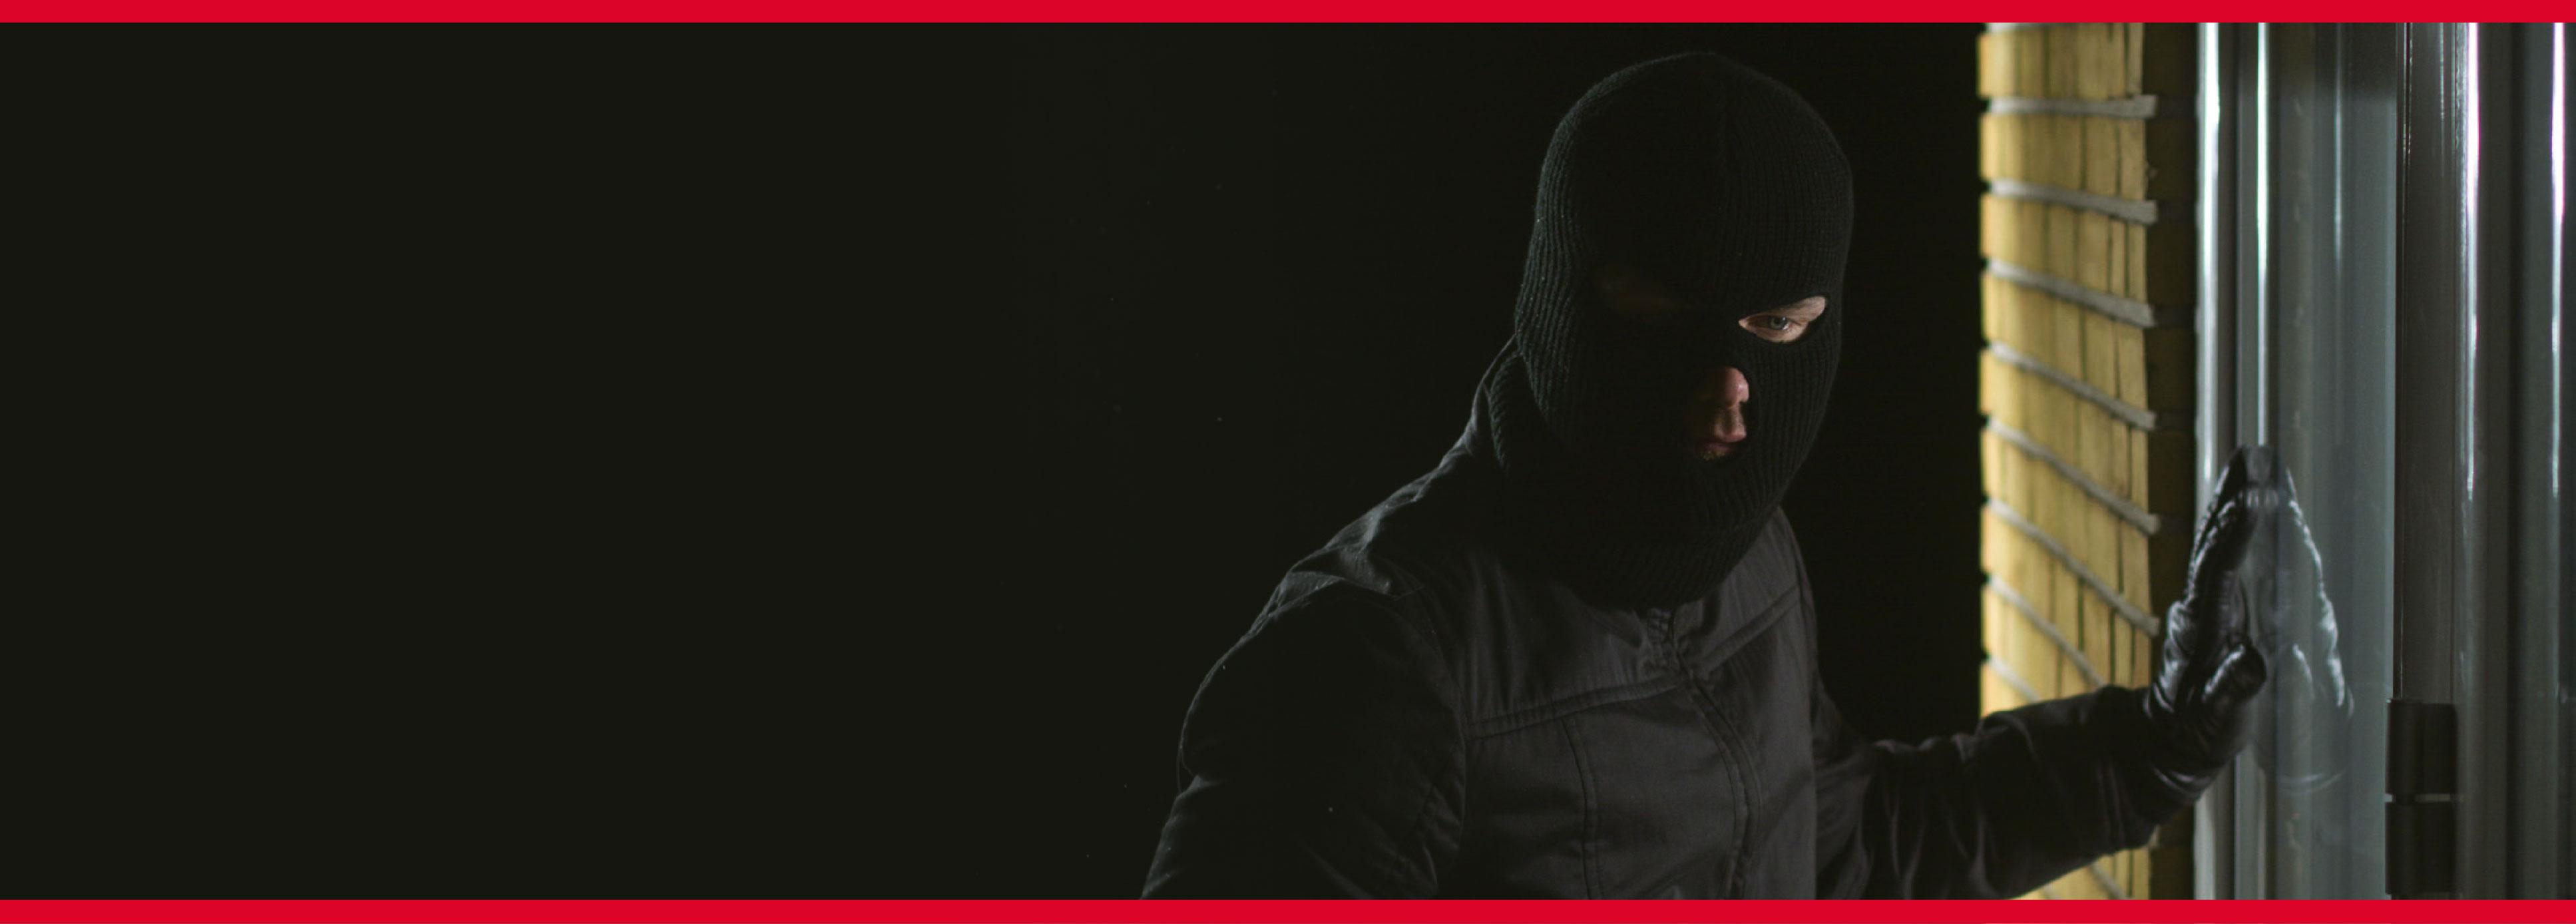 GPF Veiligheidsbeslag beschermt uw woning